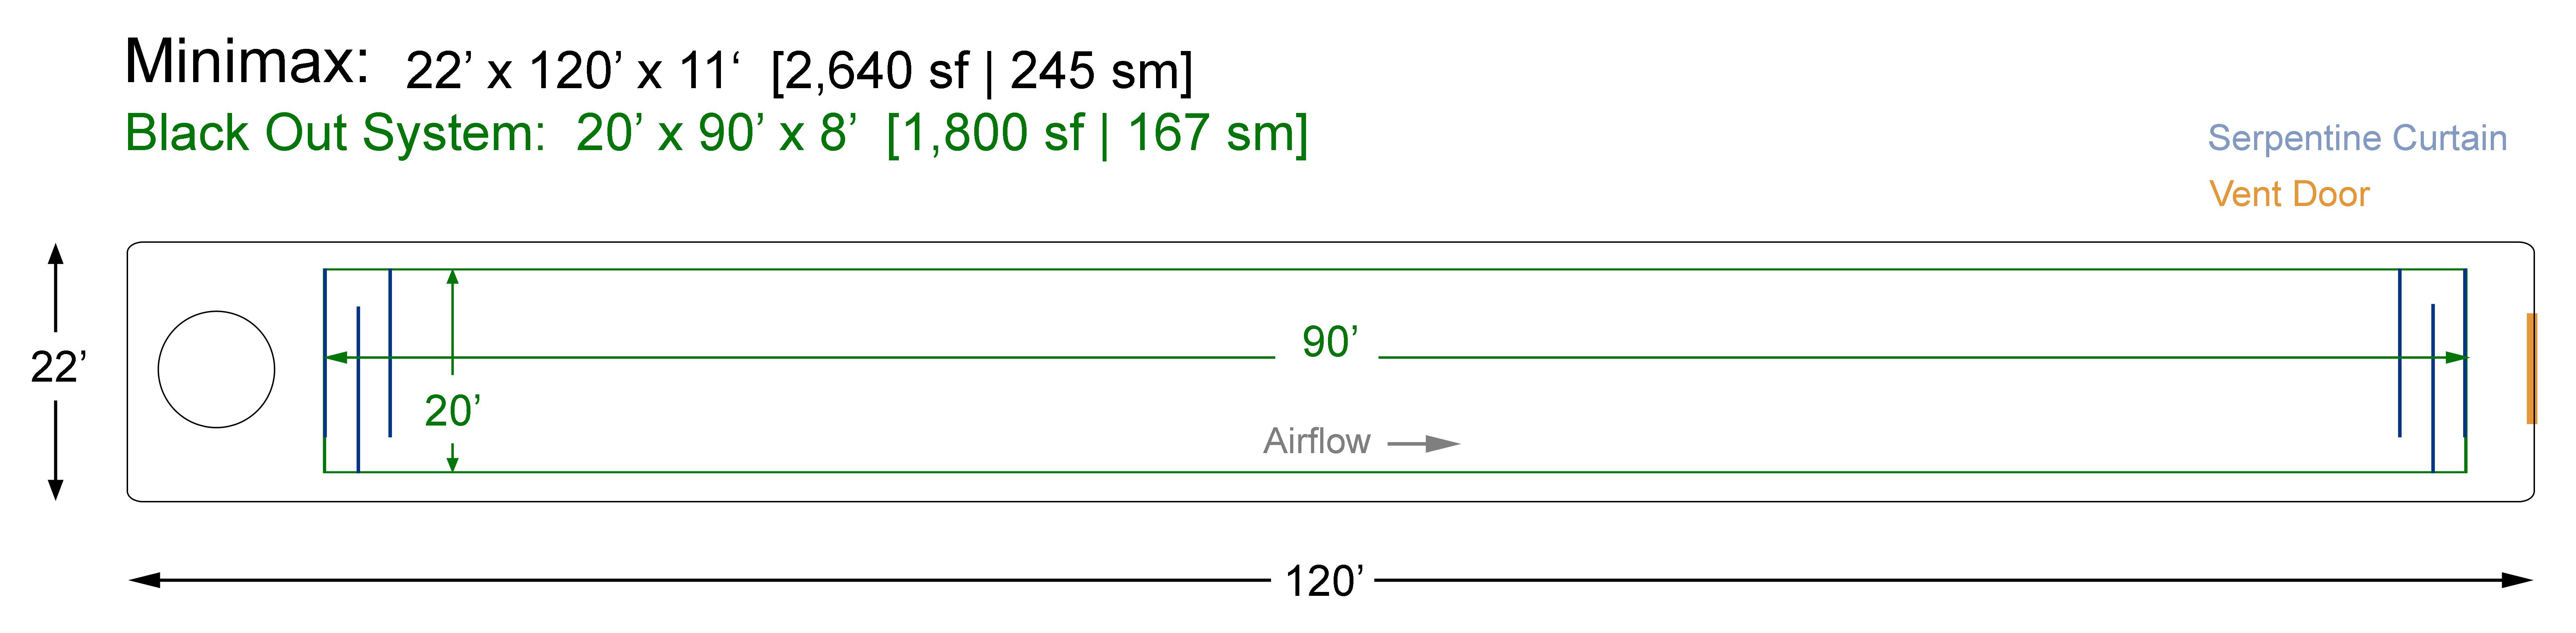 Airstream Minimax